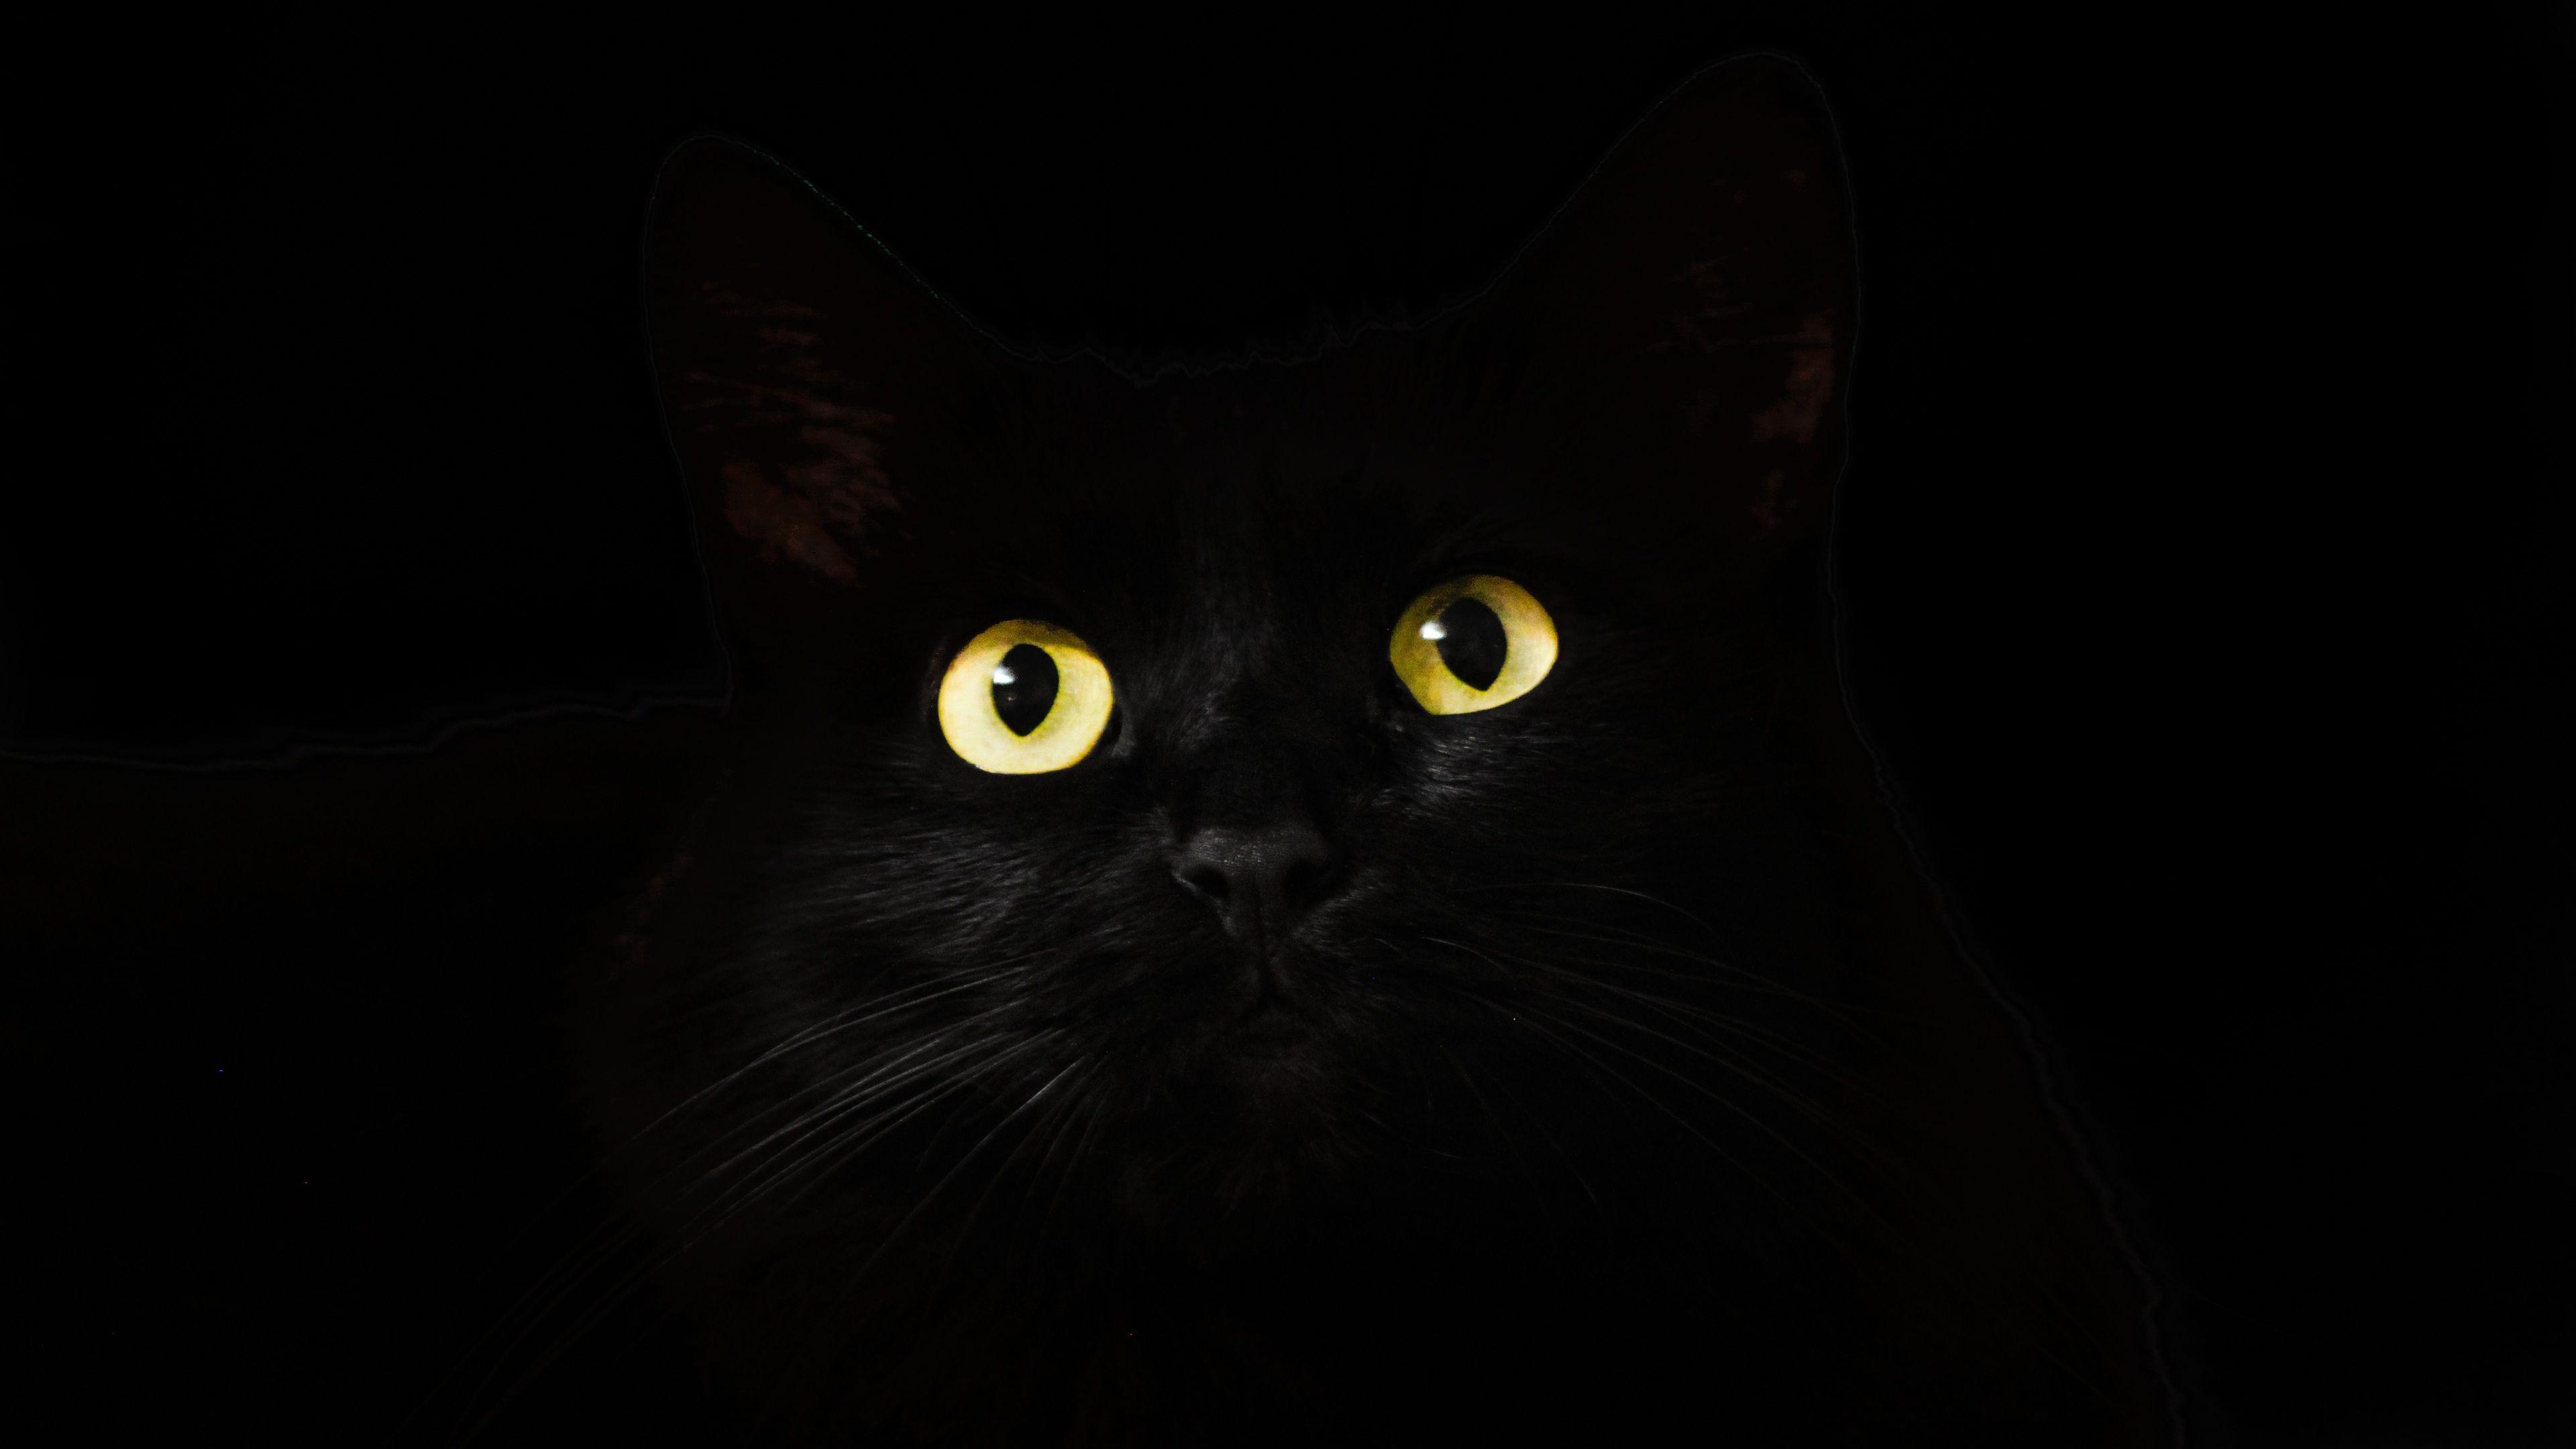 Black Cat Eyes Dark 4k Hd Wallpapers Eyes Wallpapers Cat Wallpapers Animals Wallpapers 4k Wallpapers Cat Pics Cat Wallpaper Cats And Kittens